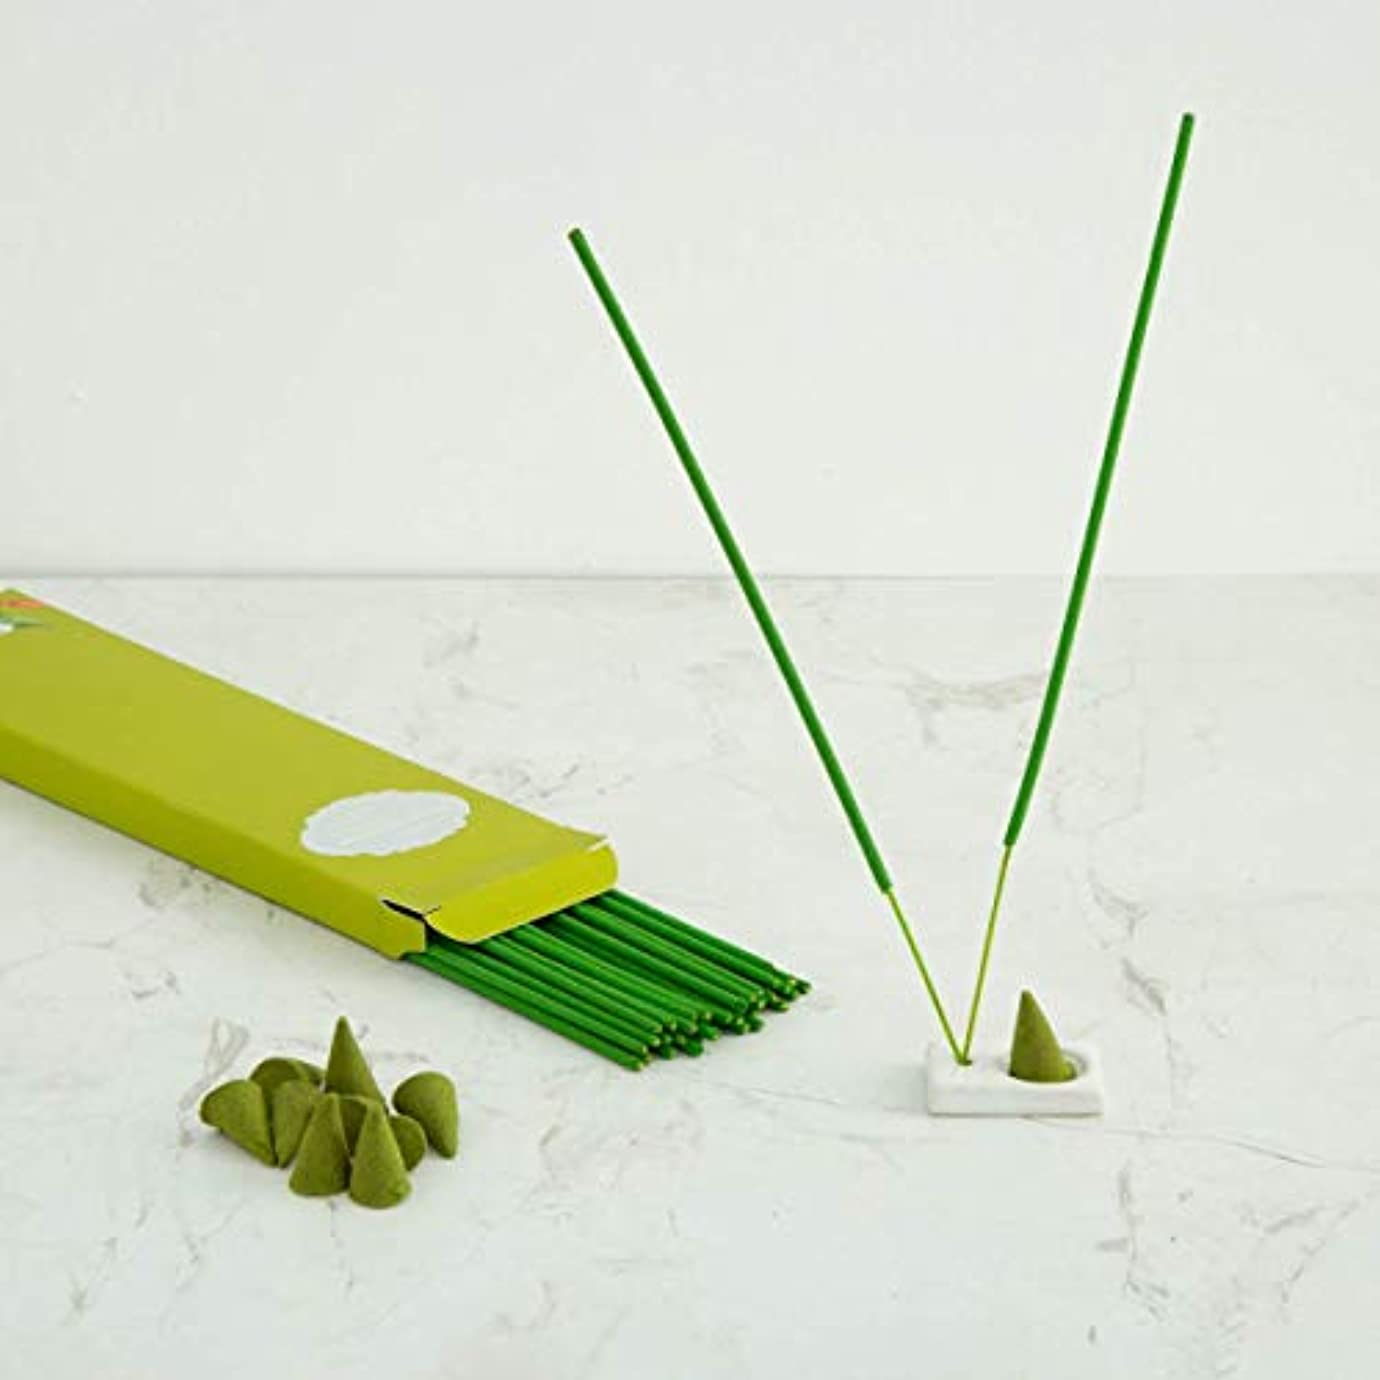 素敵な効能定義するHome Centre Redolance Chirping Woods Incense Sticks and Cones - Green